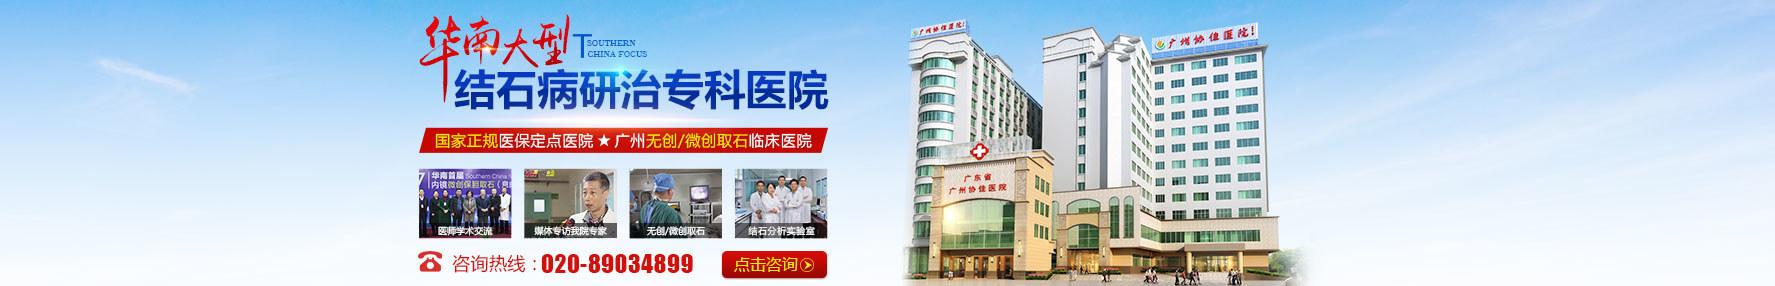 广州协佳医院怎么样